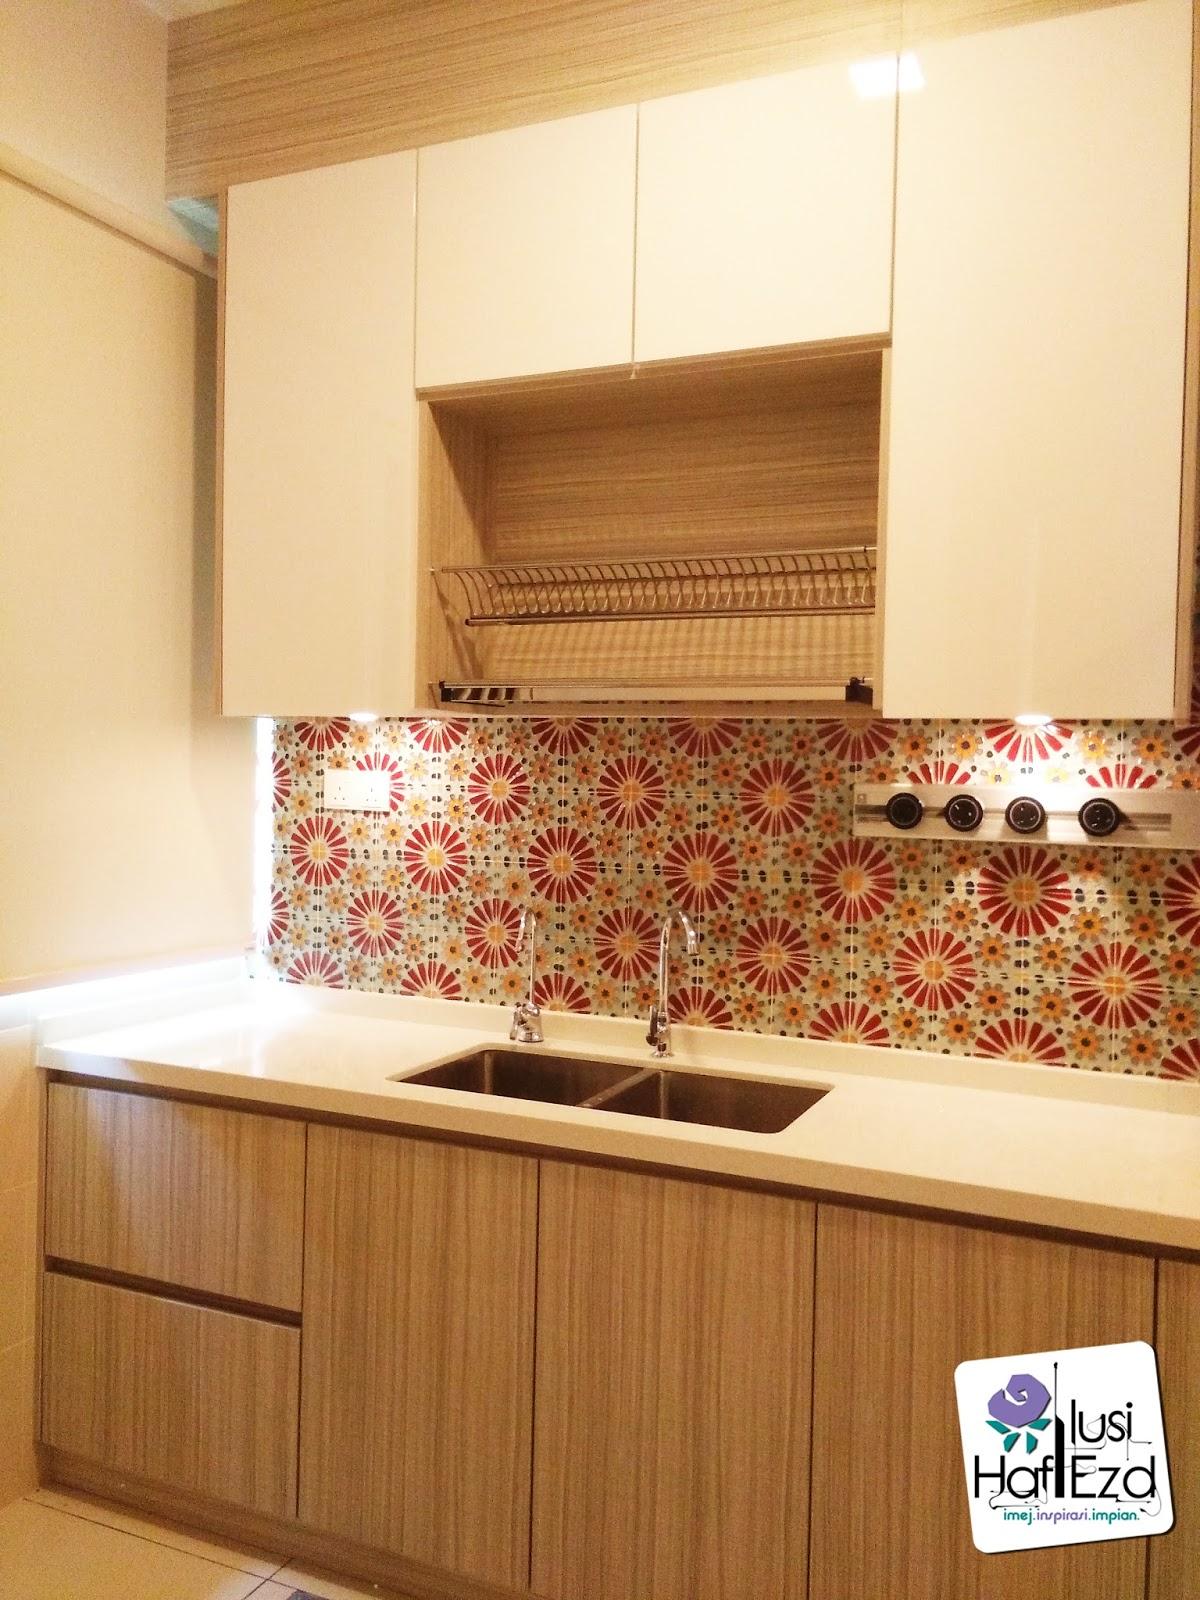 Walaupun Ruang Dapur Ini Kecil Namun Rekaannya Masih Nampak Elegan Dan Menarik Disebabkan Pembuatan Kabinetnya Kemas Teliti Betul Tak